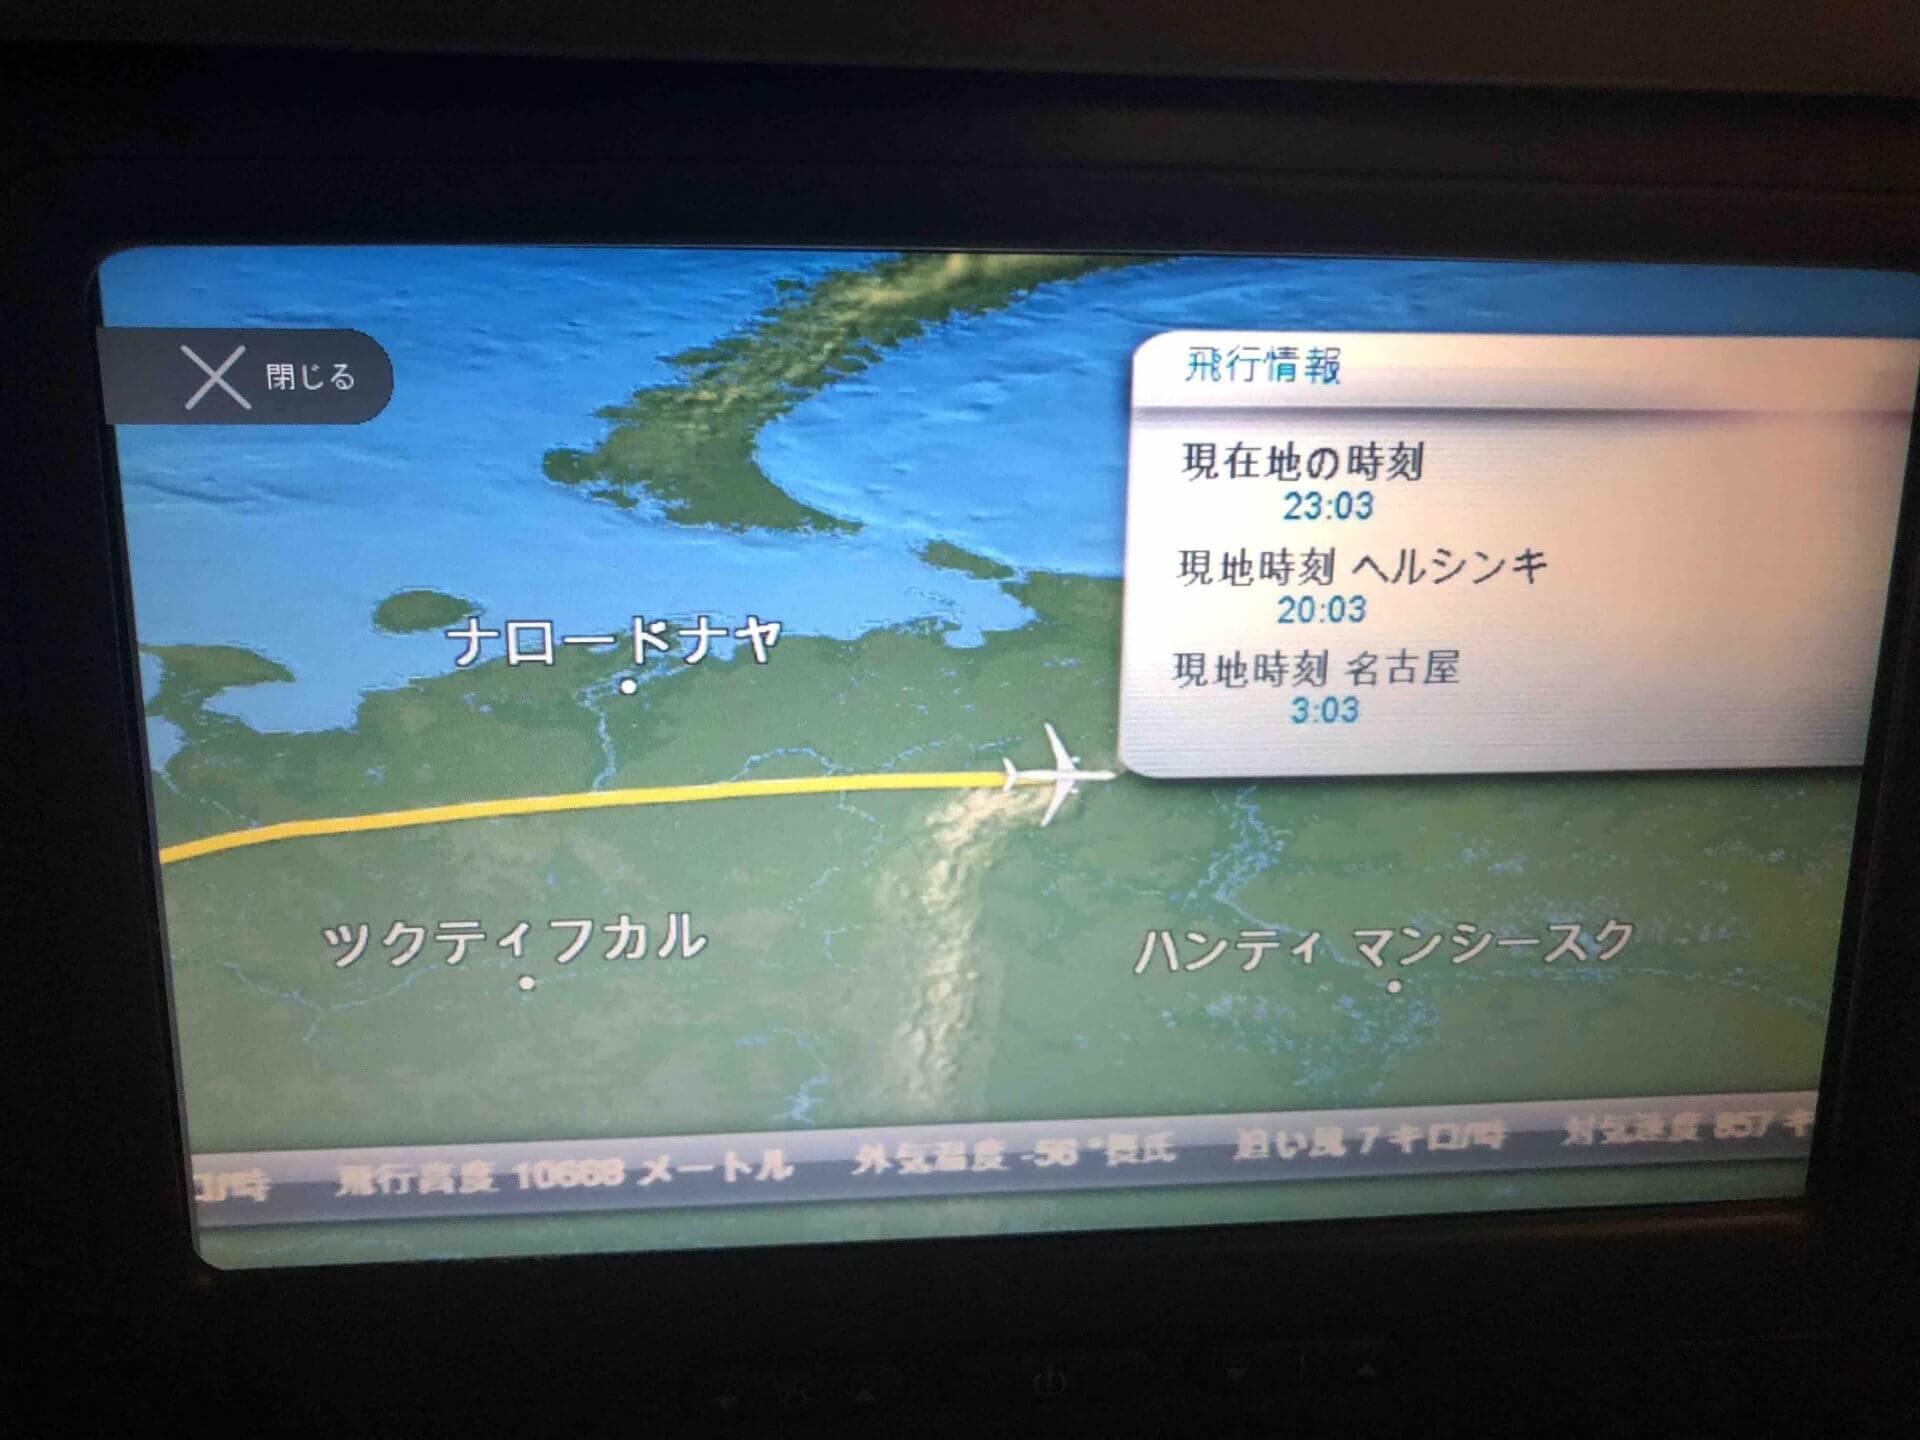 オーロラを撮影した直後の場所を機内情報から取得